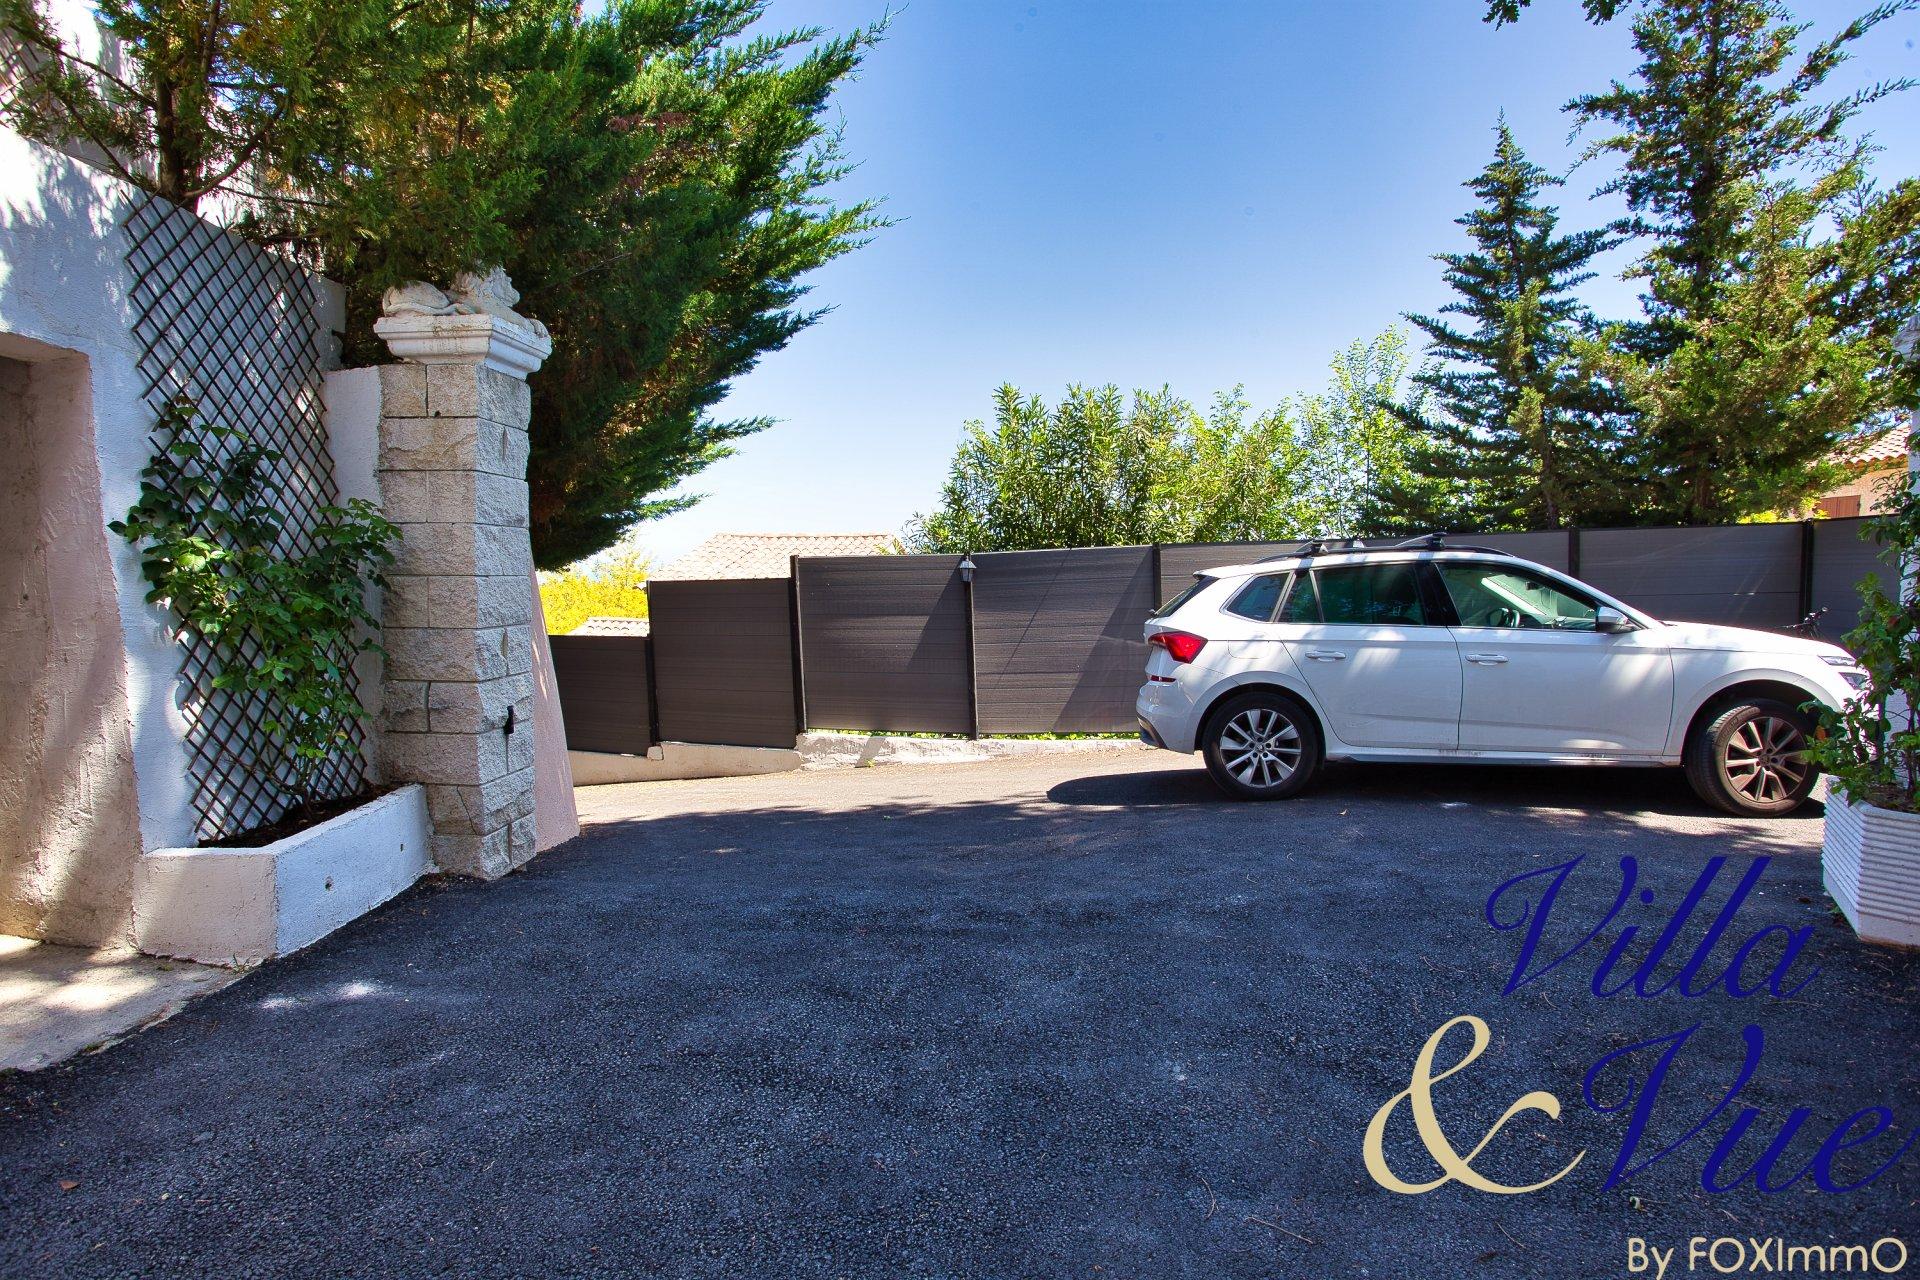 出售 房屋 - 卢贝新城 (Villeneuve-Loubet)